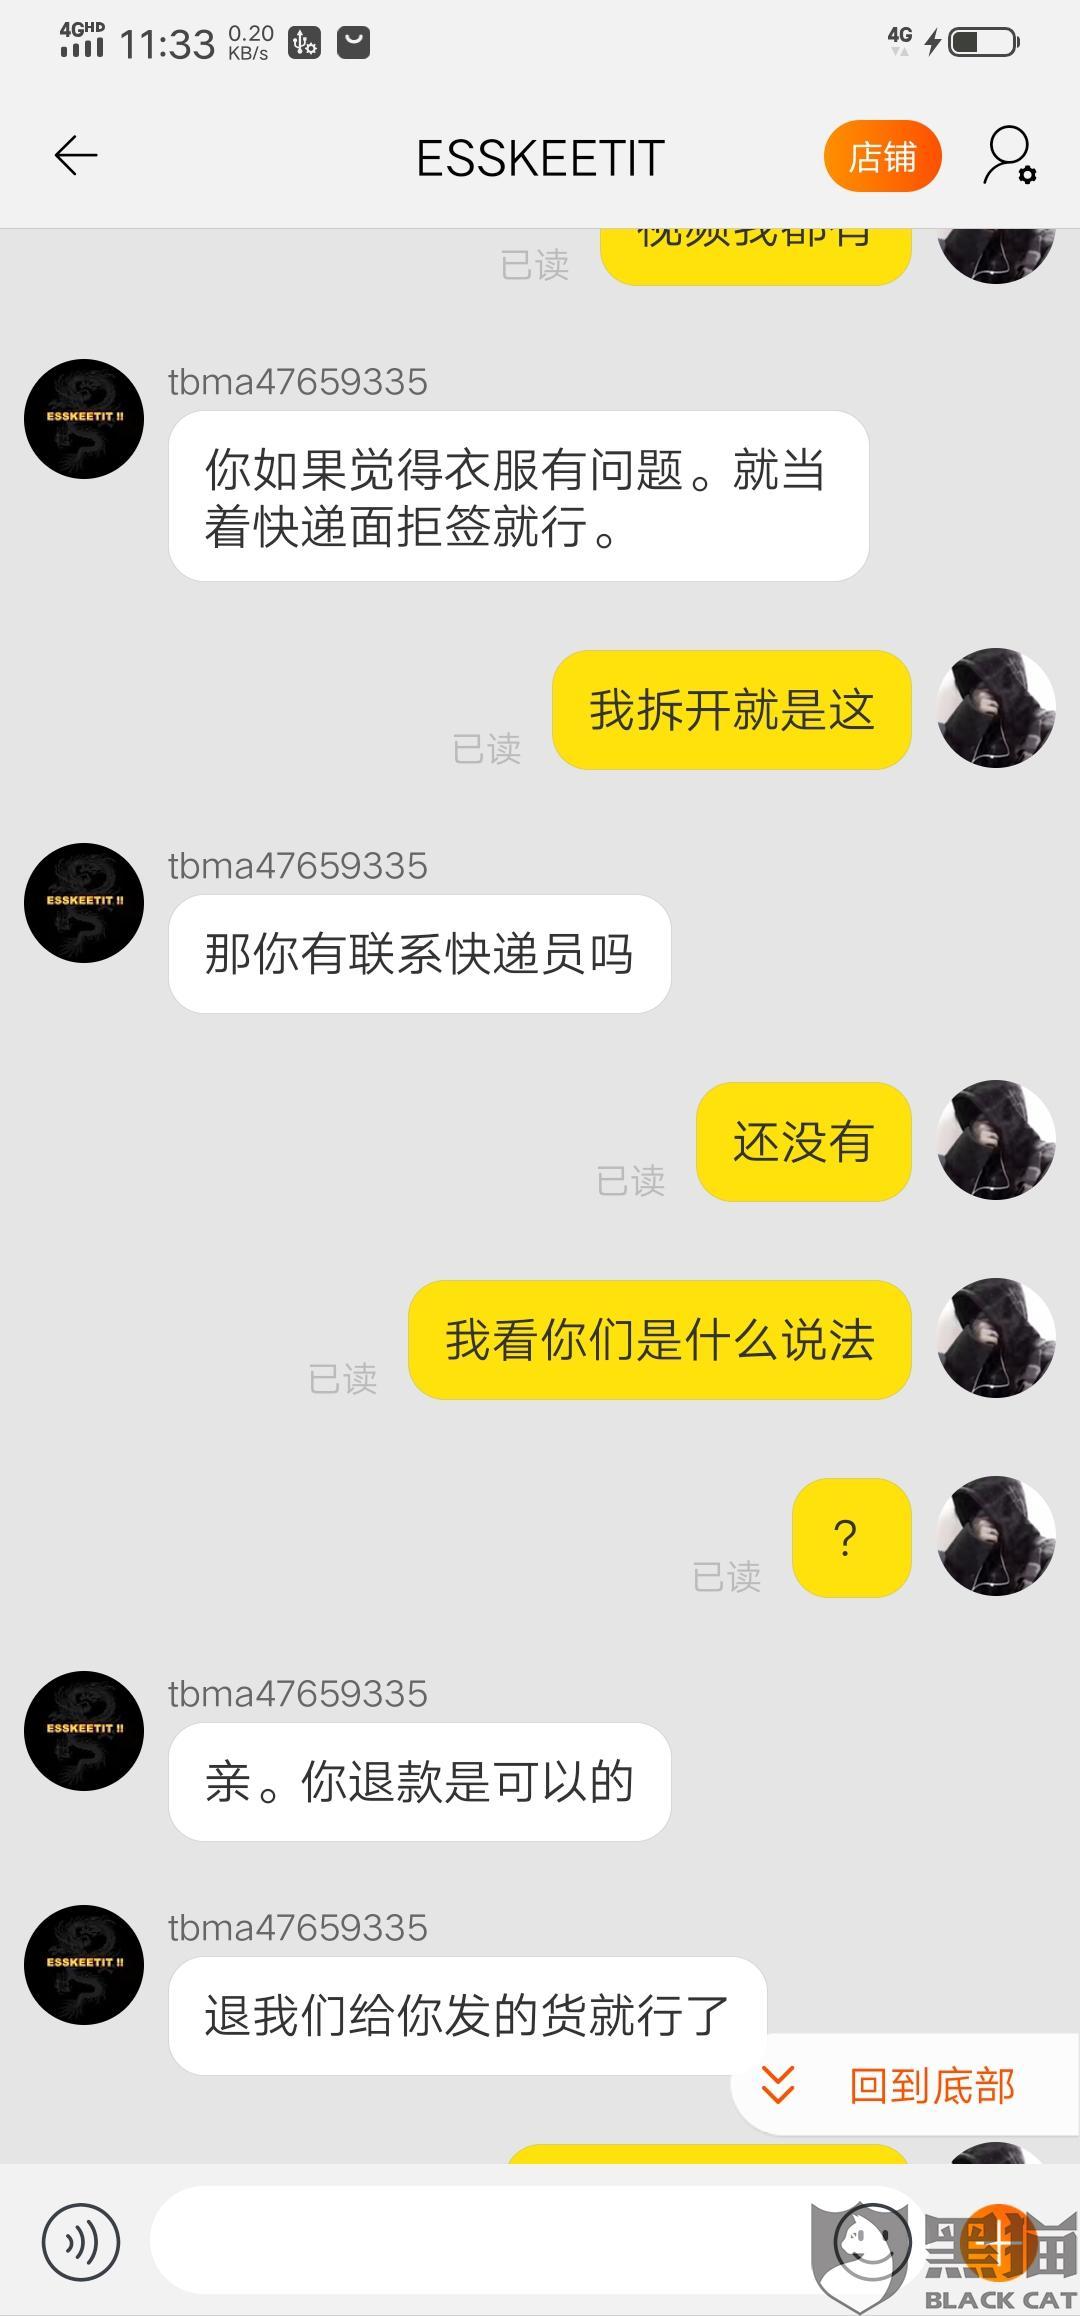 黑猫投诉:淘宝商家tbma47659***发错货并且不承认